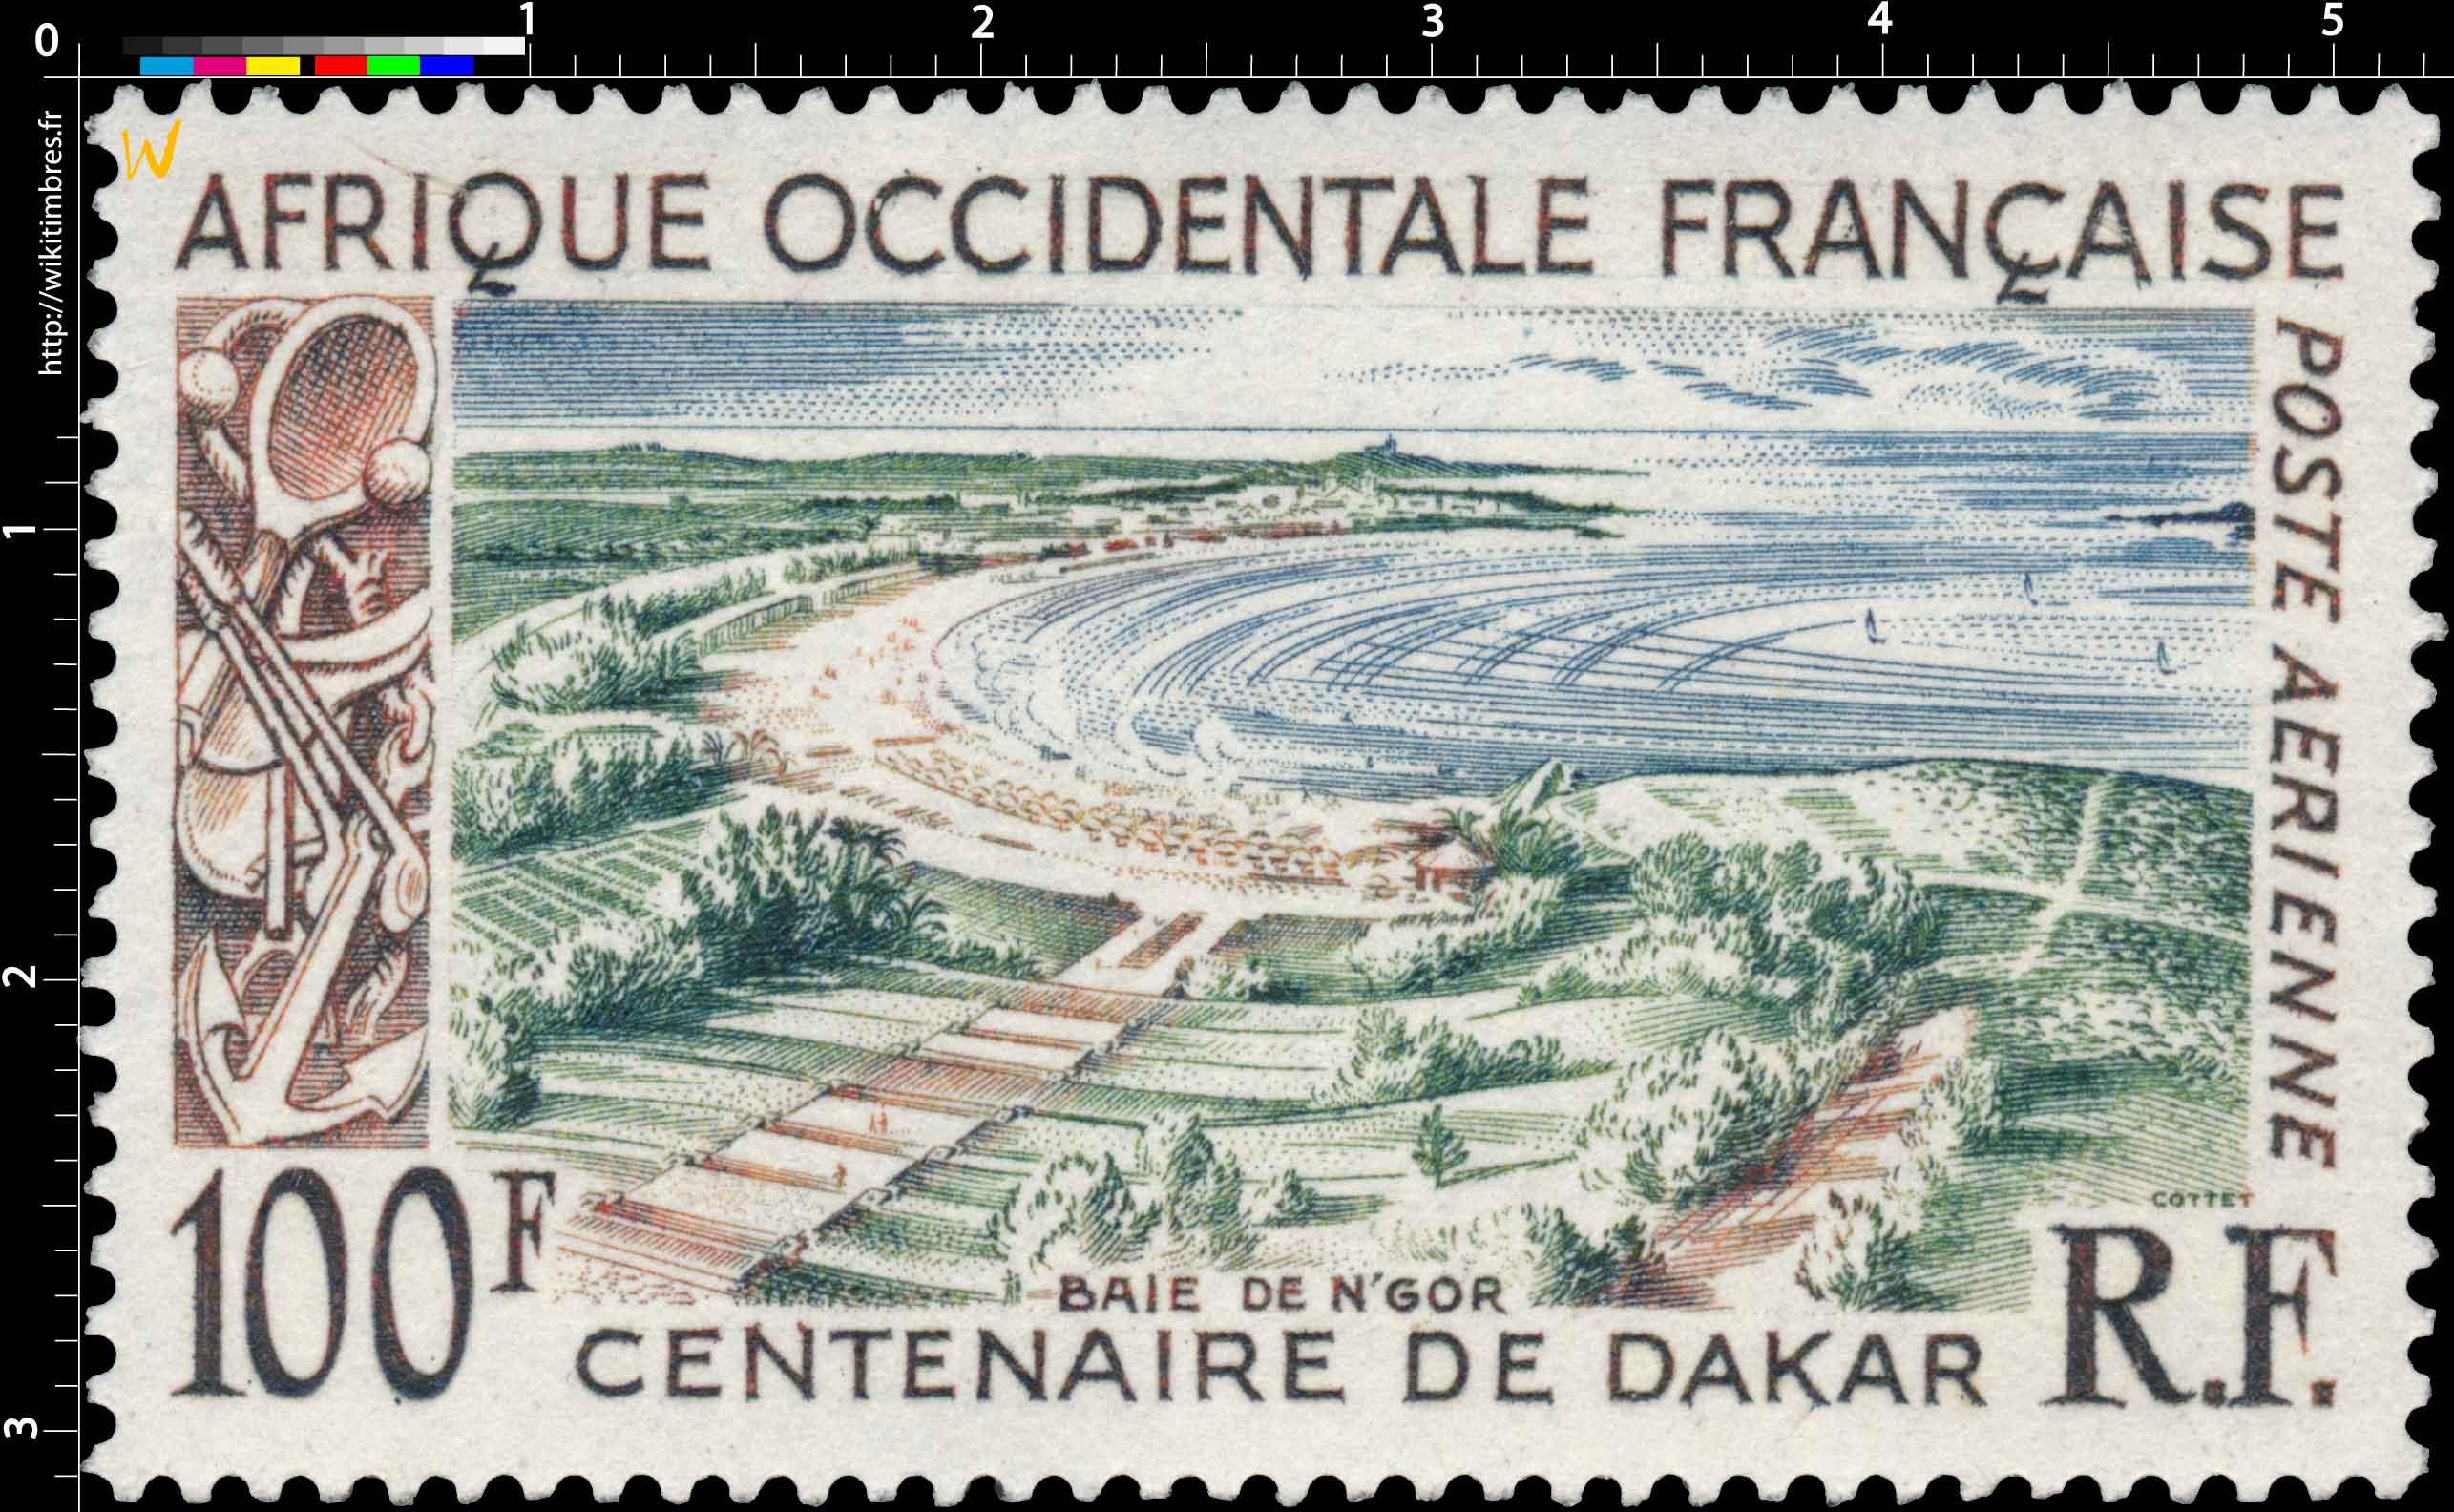 Afrique Occidentale Française - Centenaire de Dakar, baie de N'gor